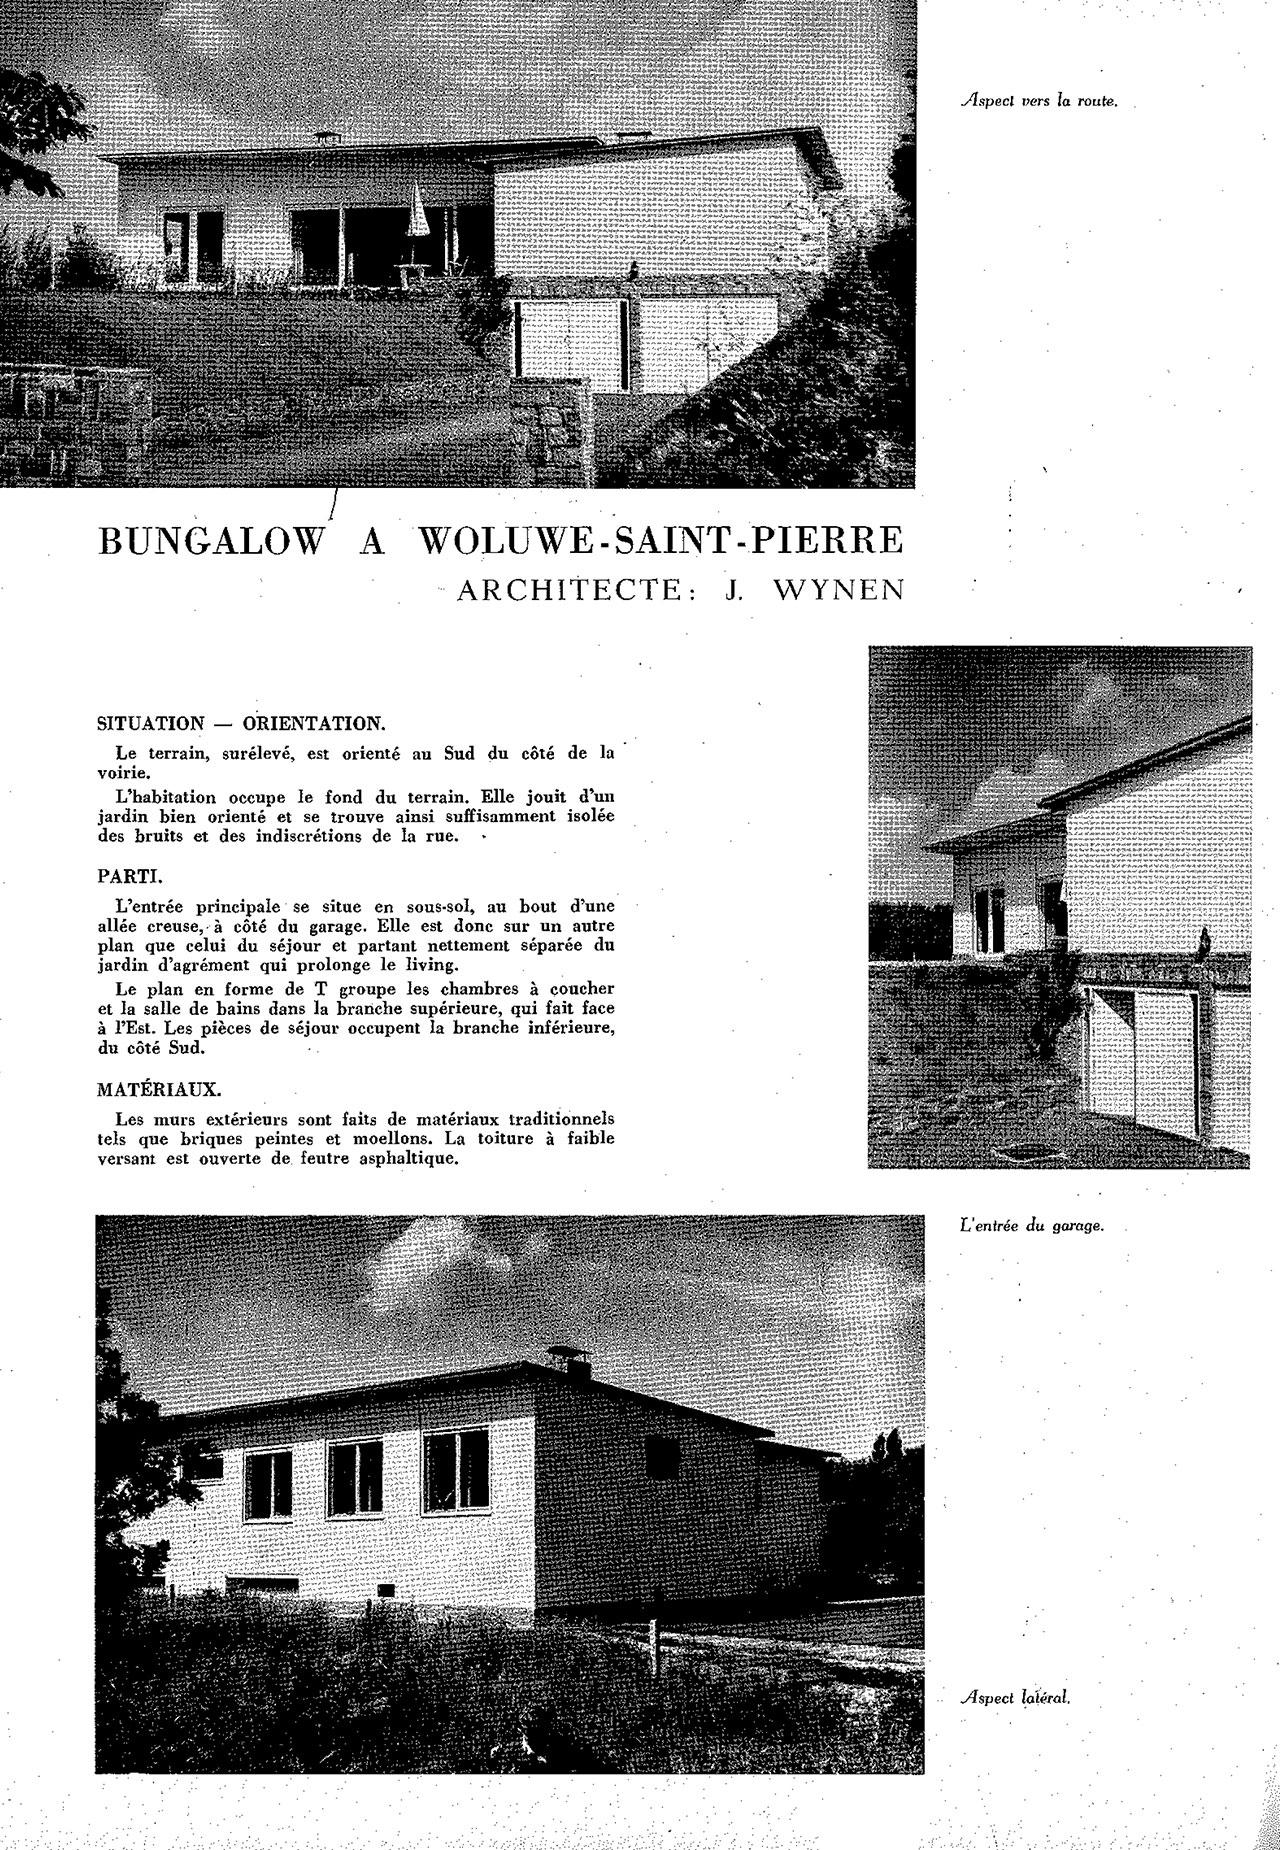 Bungalow à Woluwe-St-Pierre